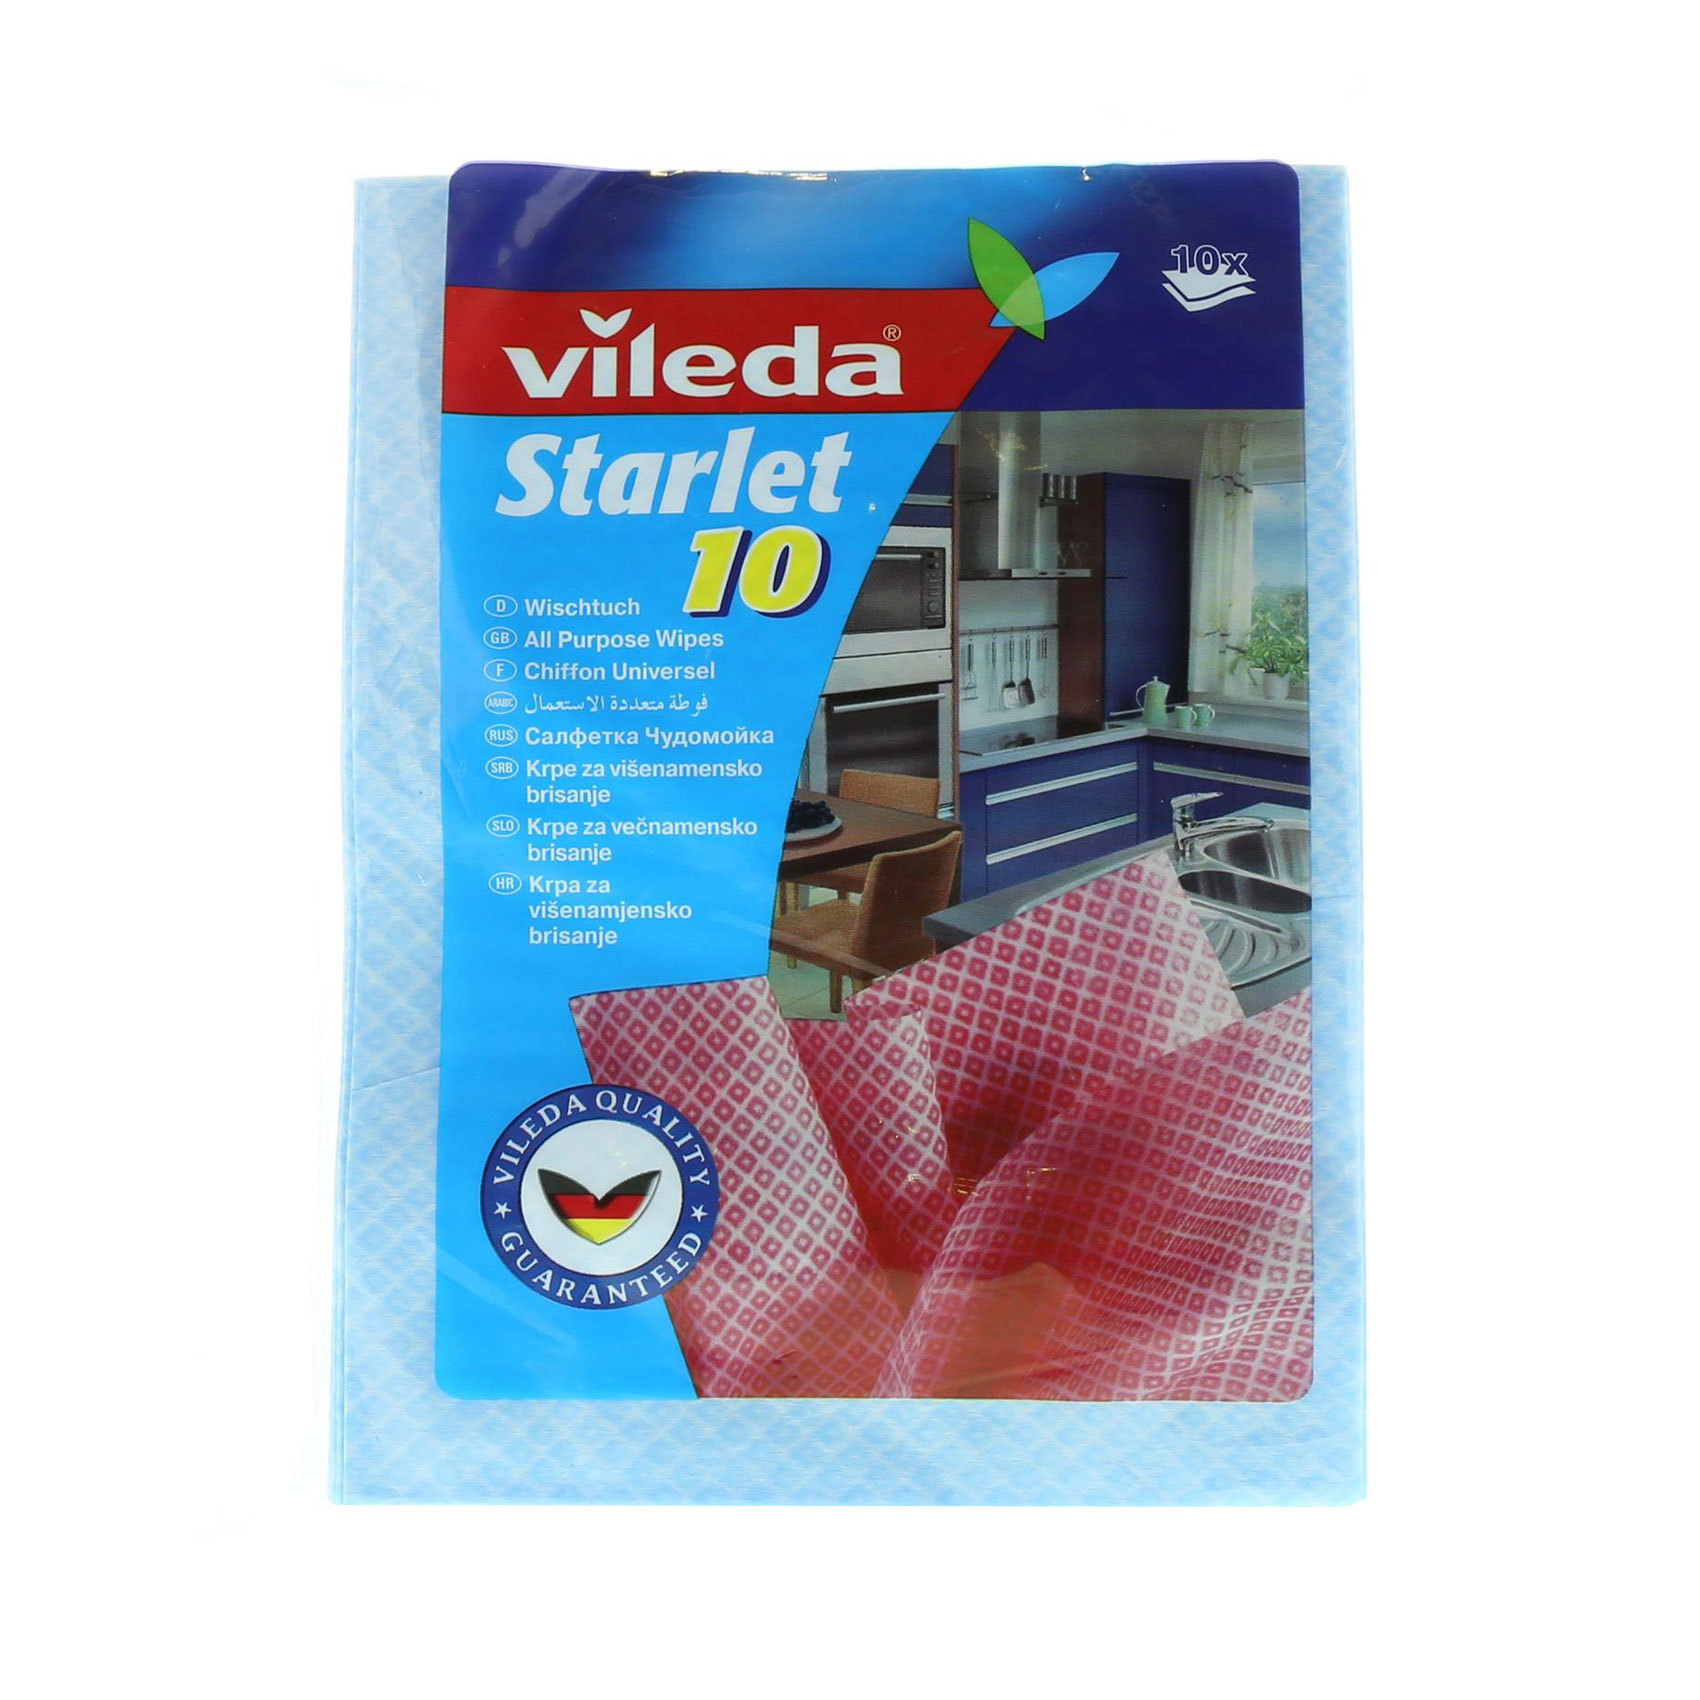 VILEDA STARLET X10